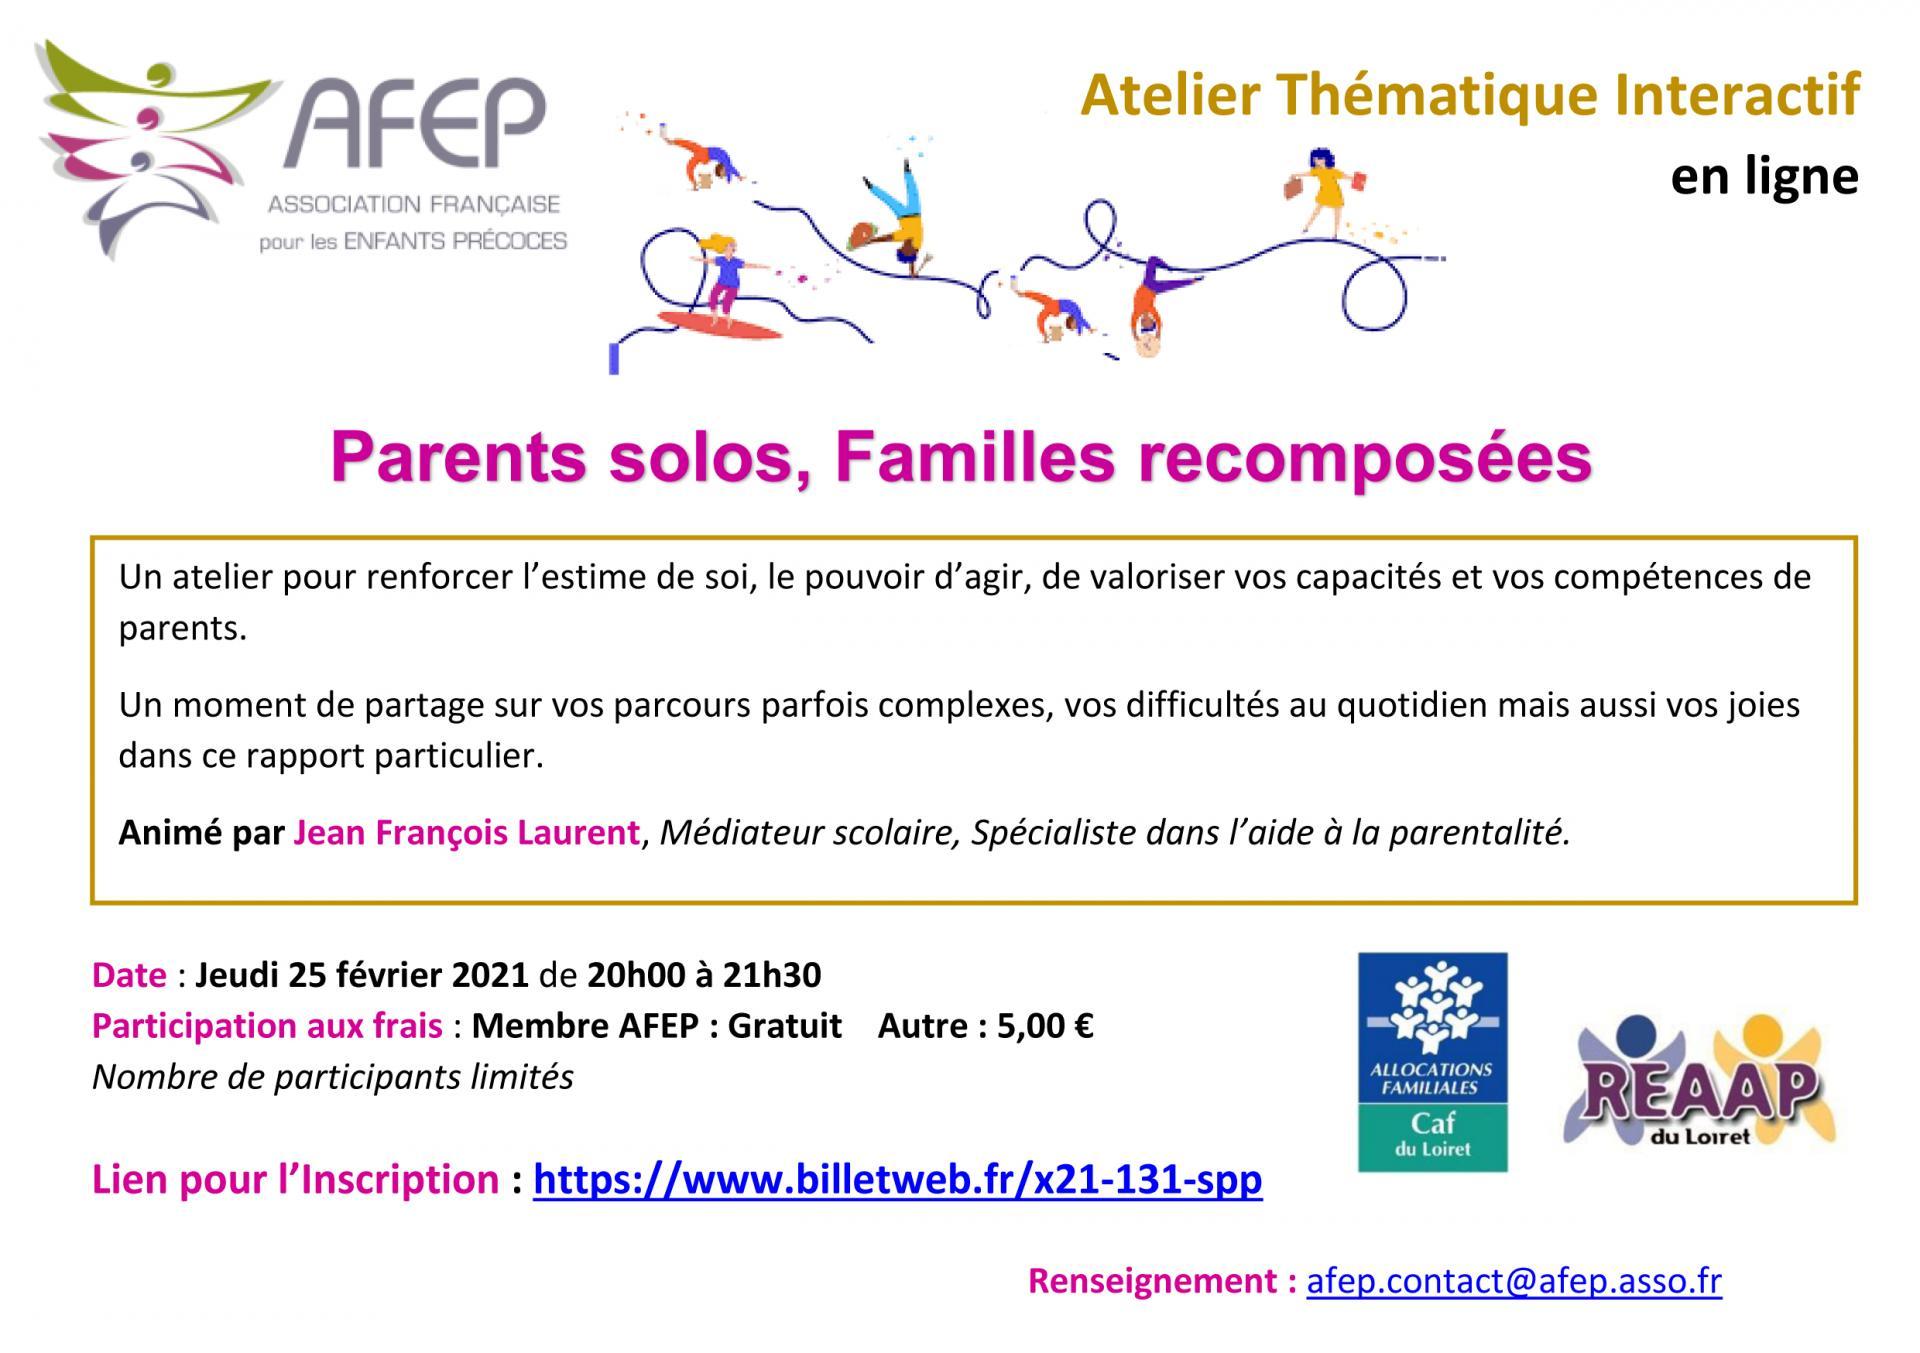 8 atelier thematique interactif parents famille 25 fevrier